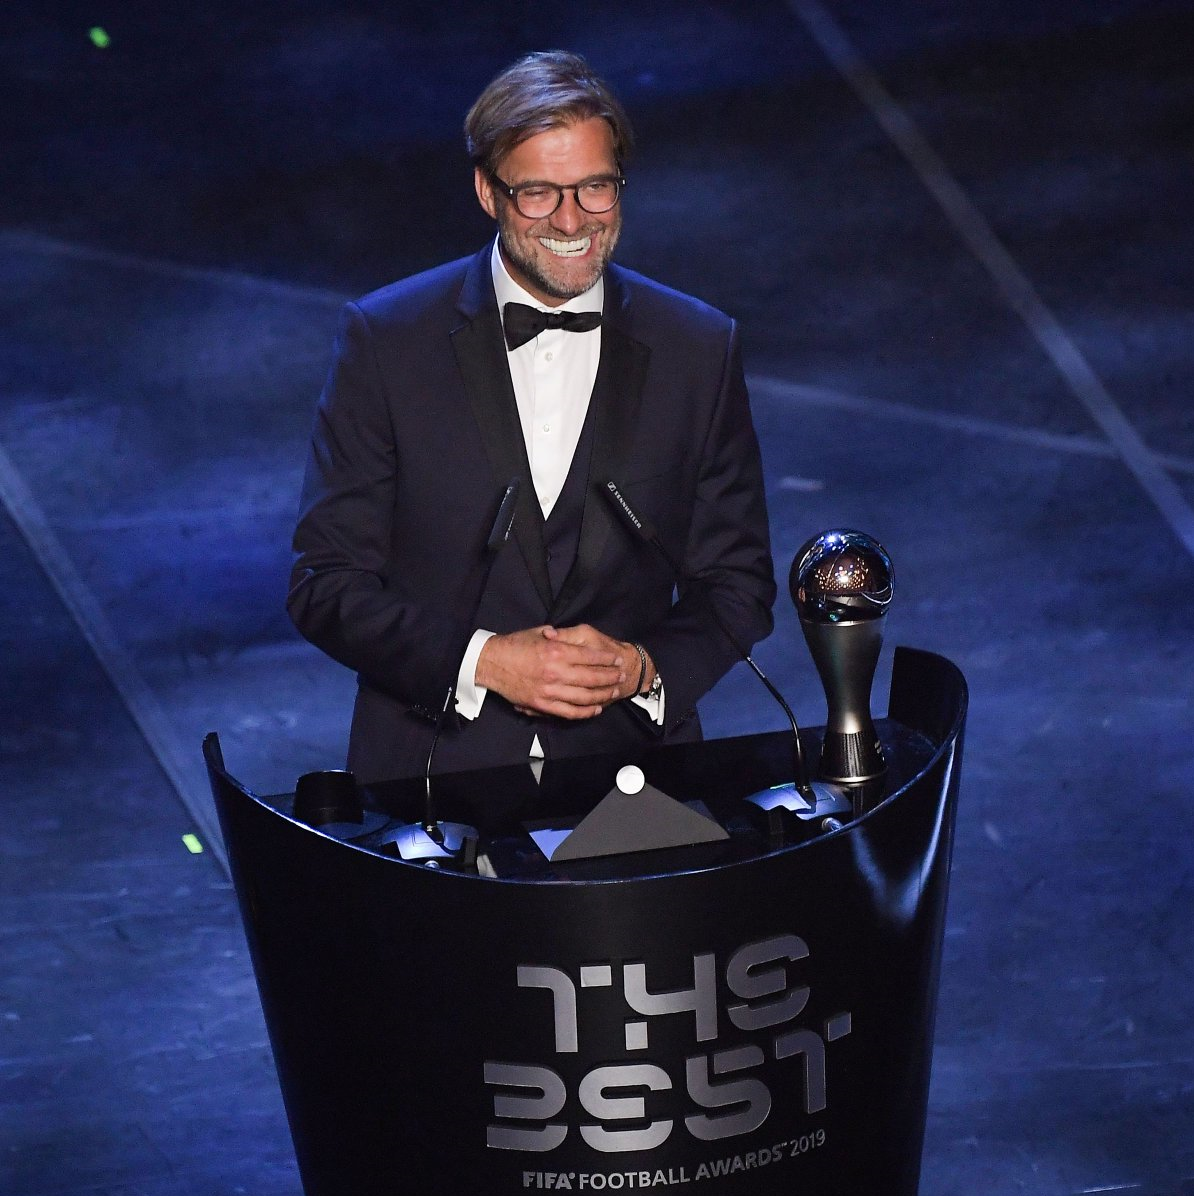 (تصاویر) مسی مرد سال فوتبال جهان شد، کلوپ برترین سرمربی و آلیسون برترین دروازهبان